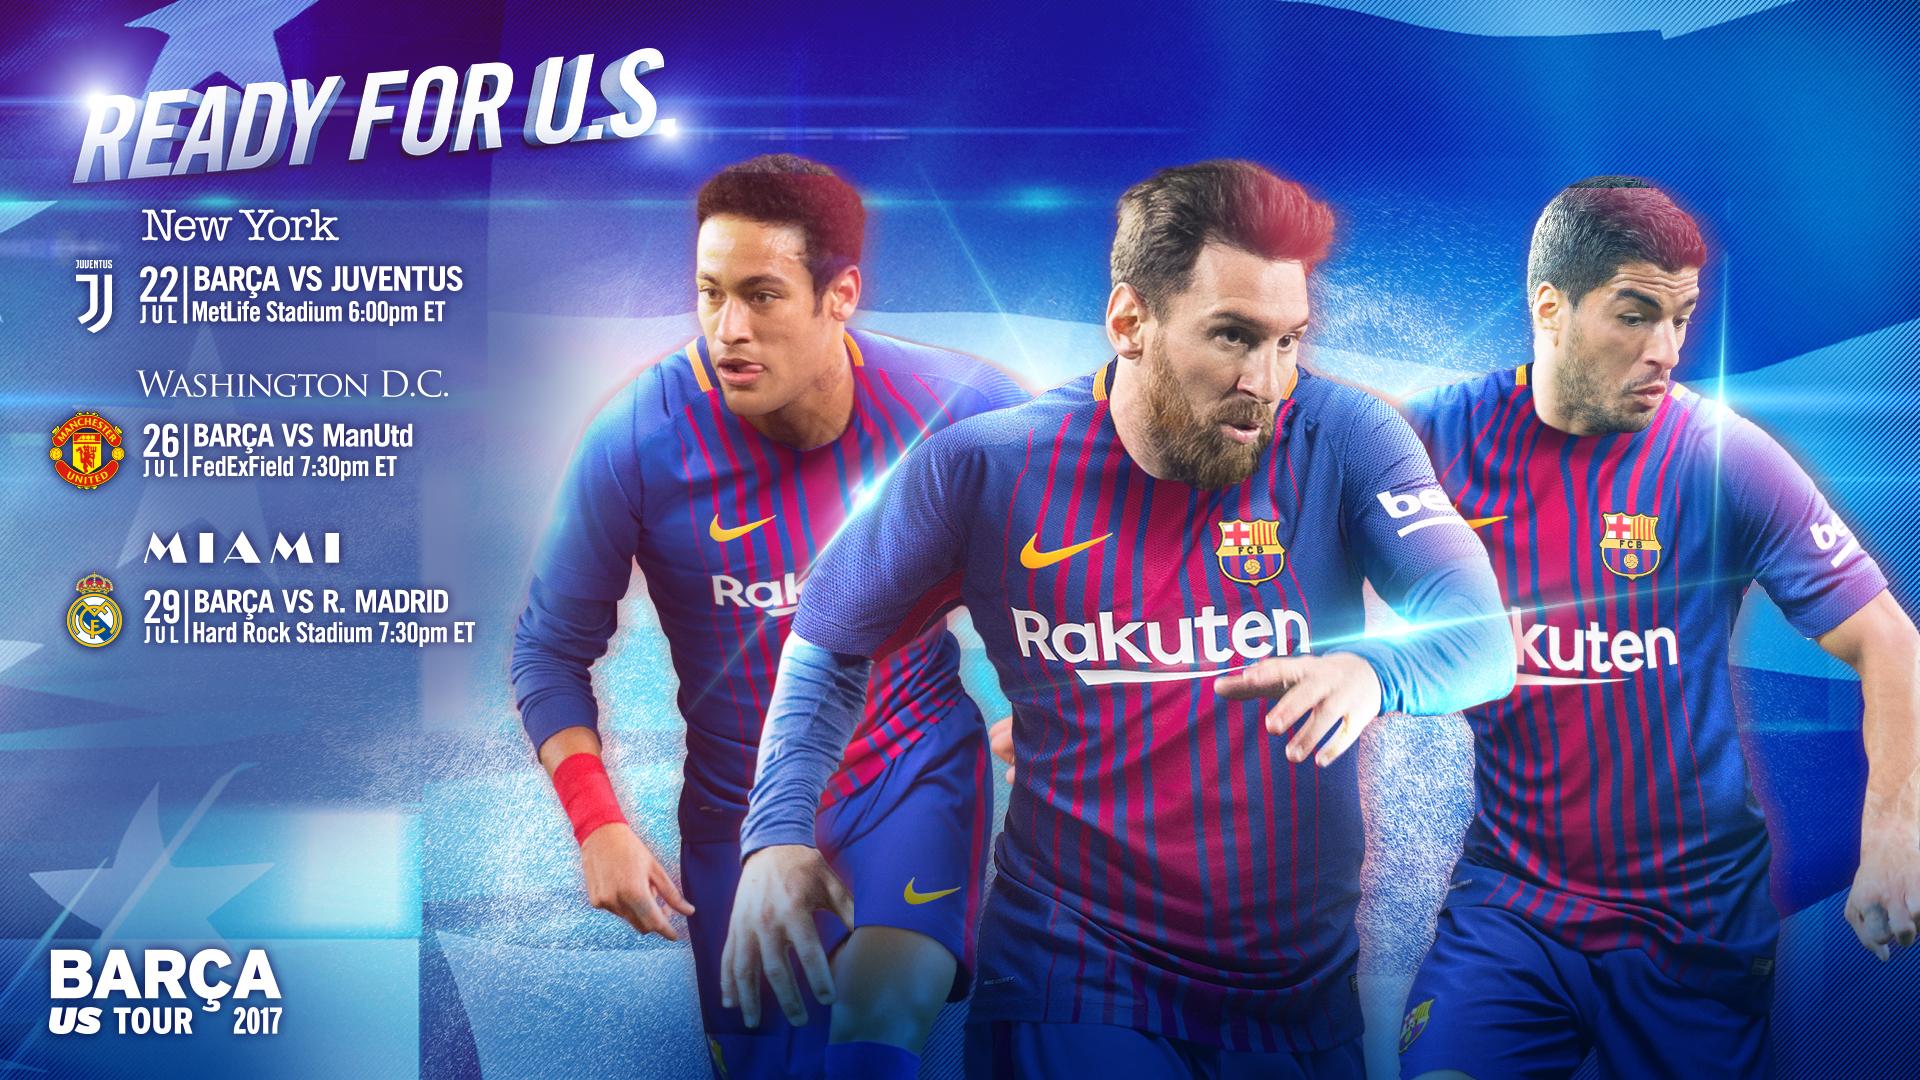 Thumbnail for La gira del Barça als Estats Units, al detall / La gira del Barça en Estados Unidos, al detalle